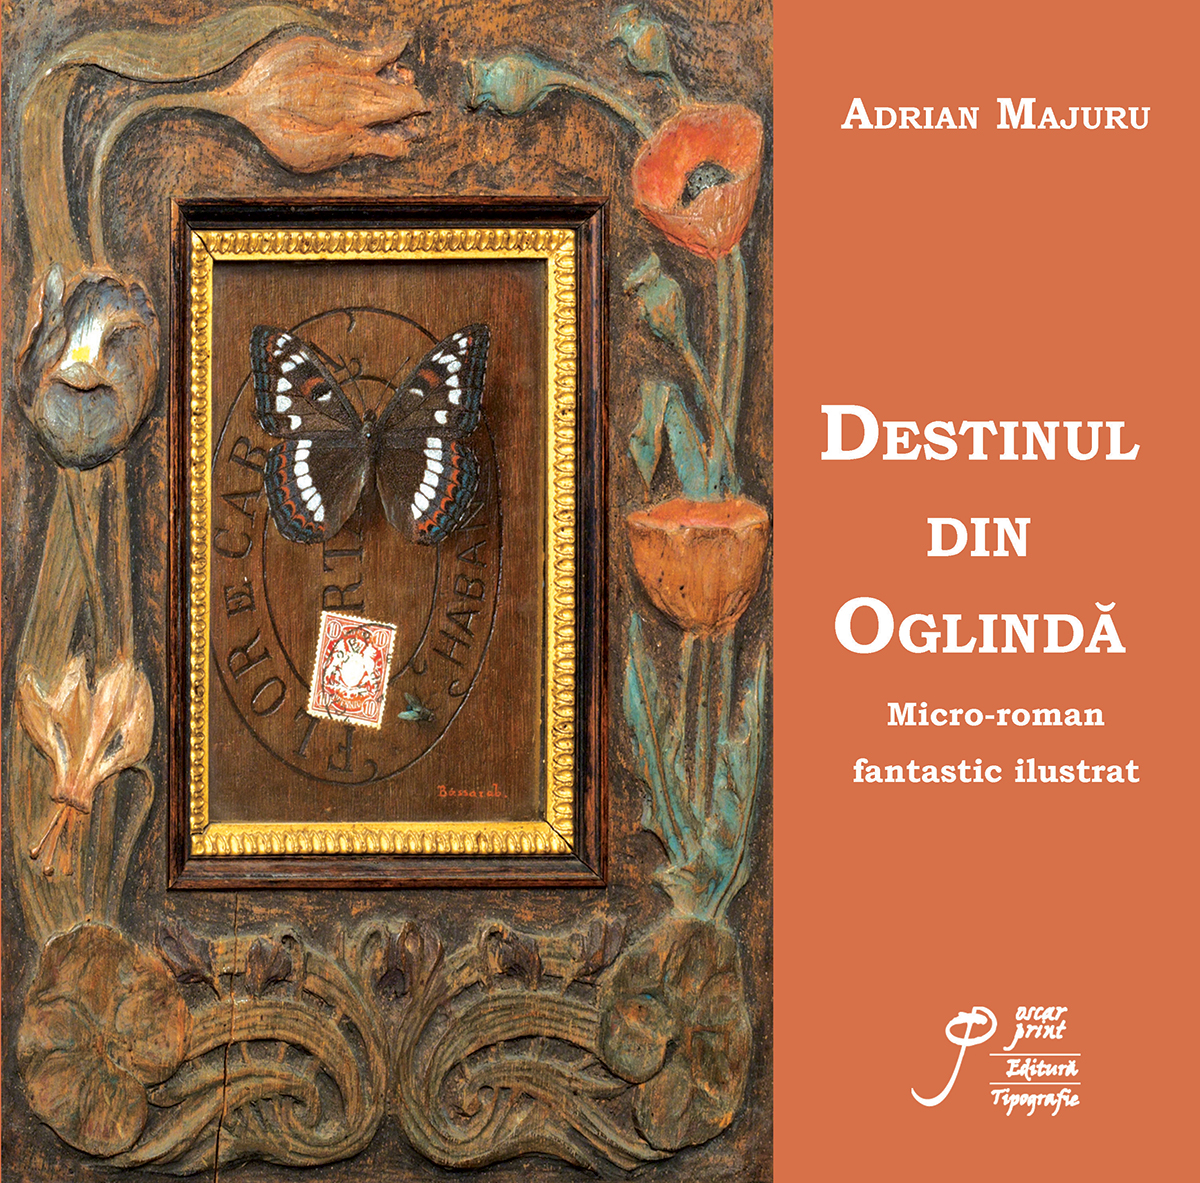 Destinul din oglinda | Adrian Majuru